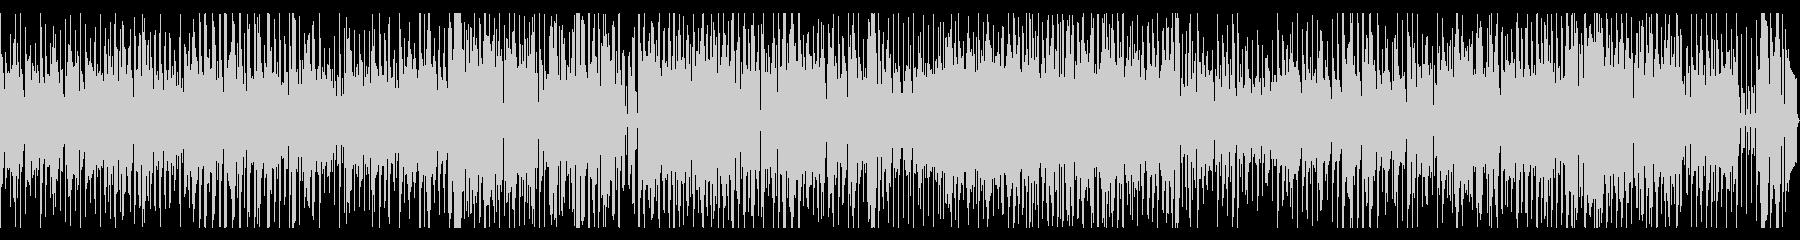 アダルトなインストジャズピアノバンドの未再生の波形